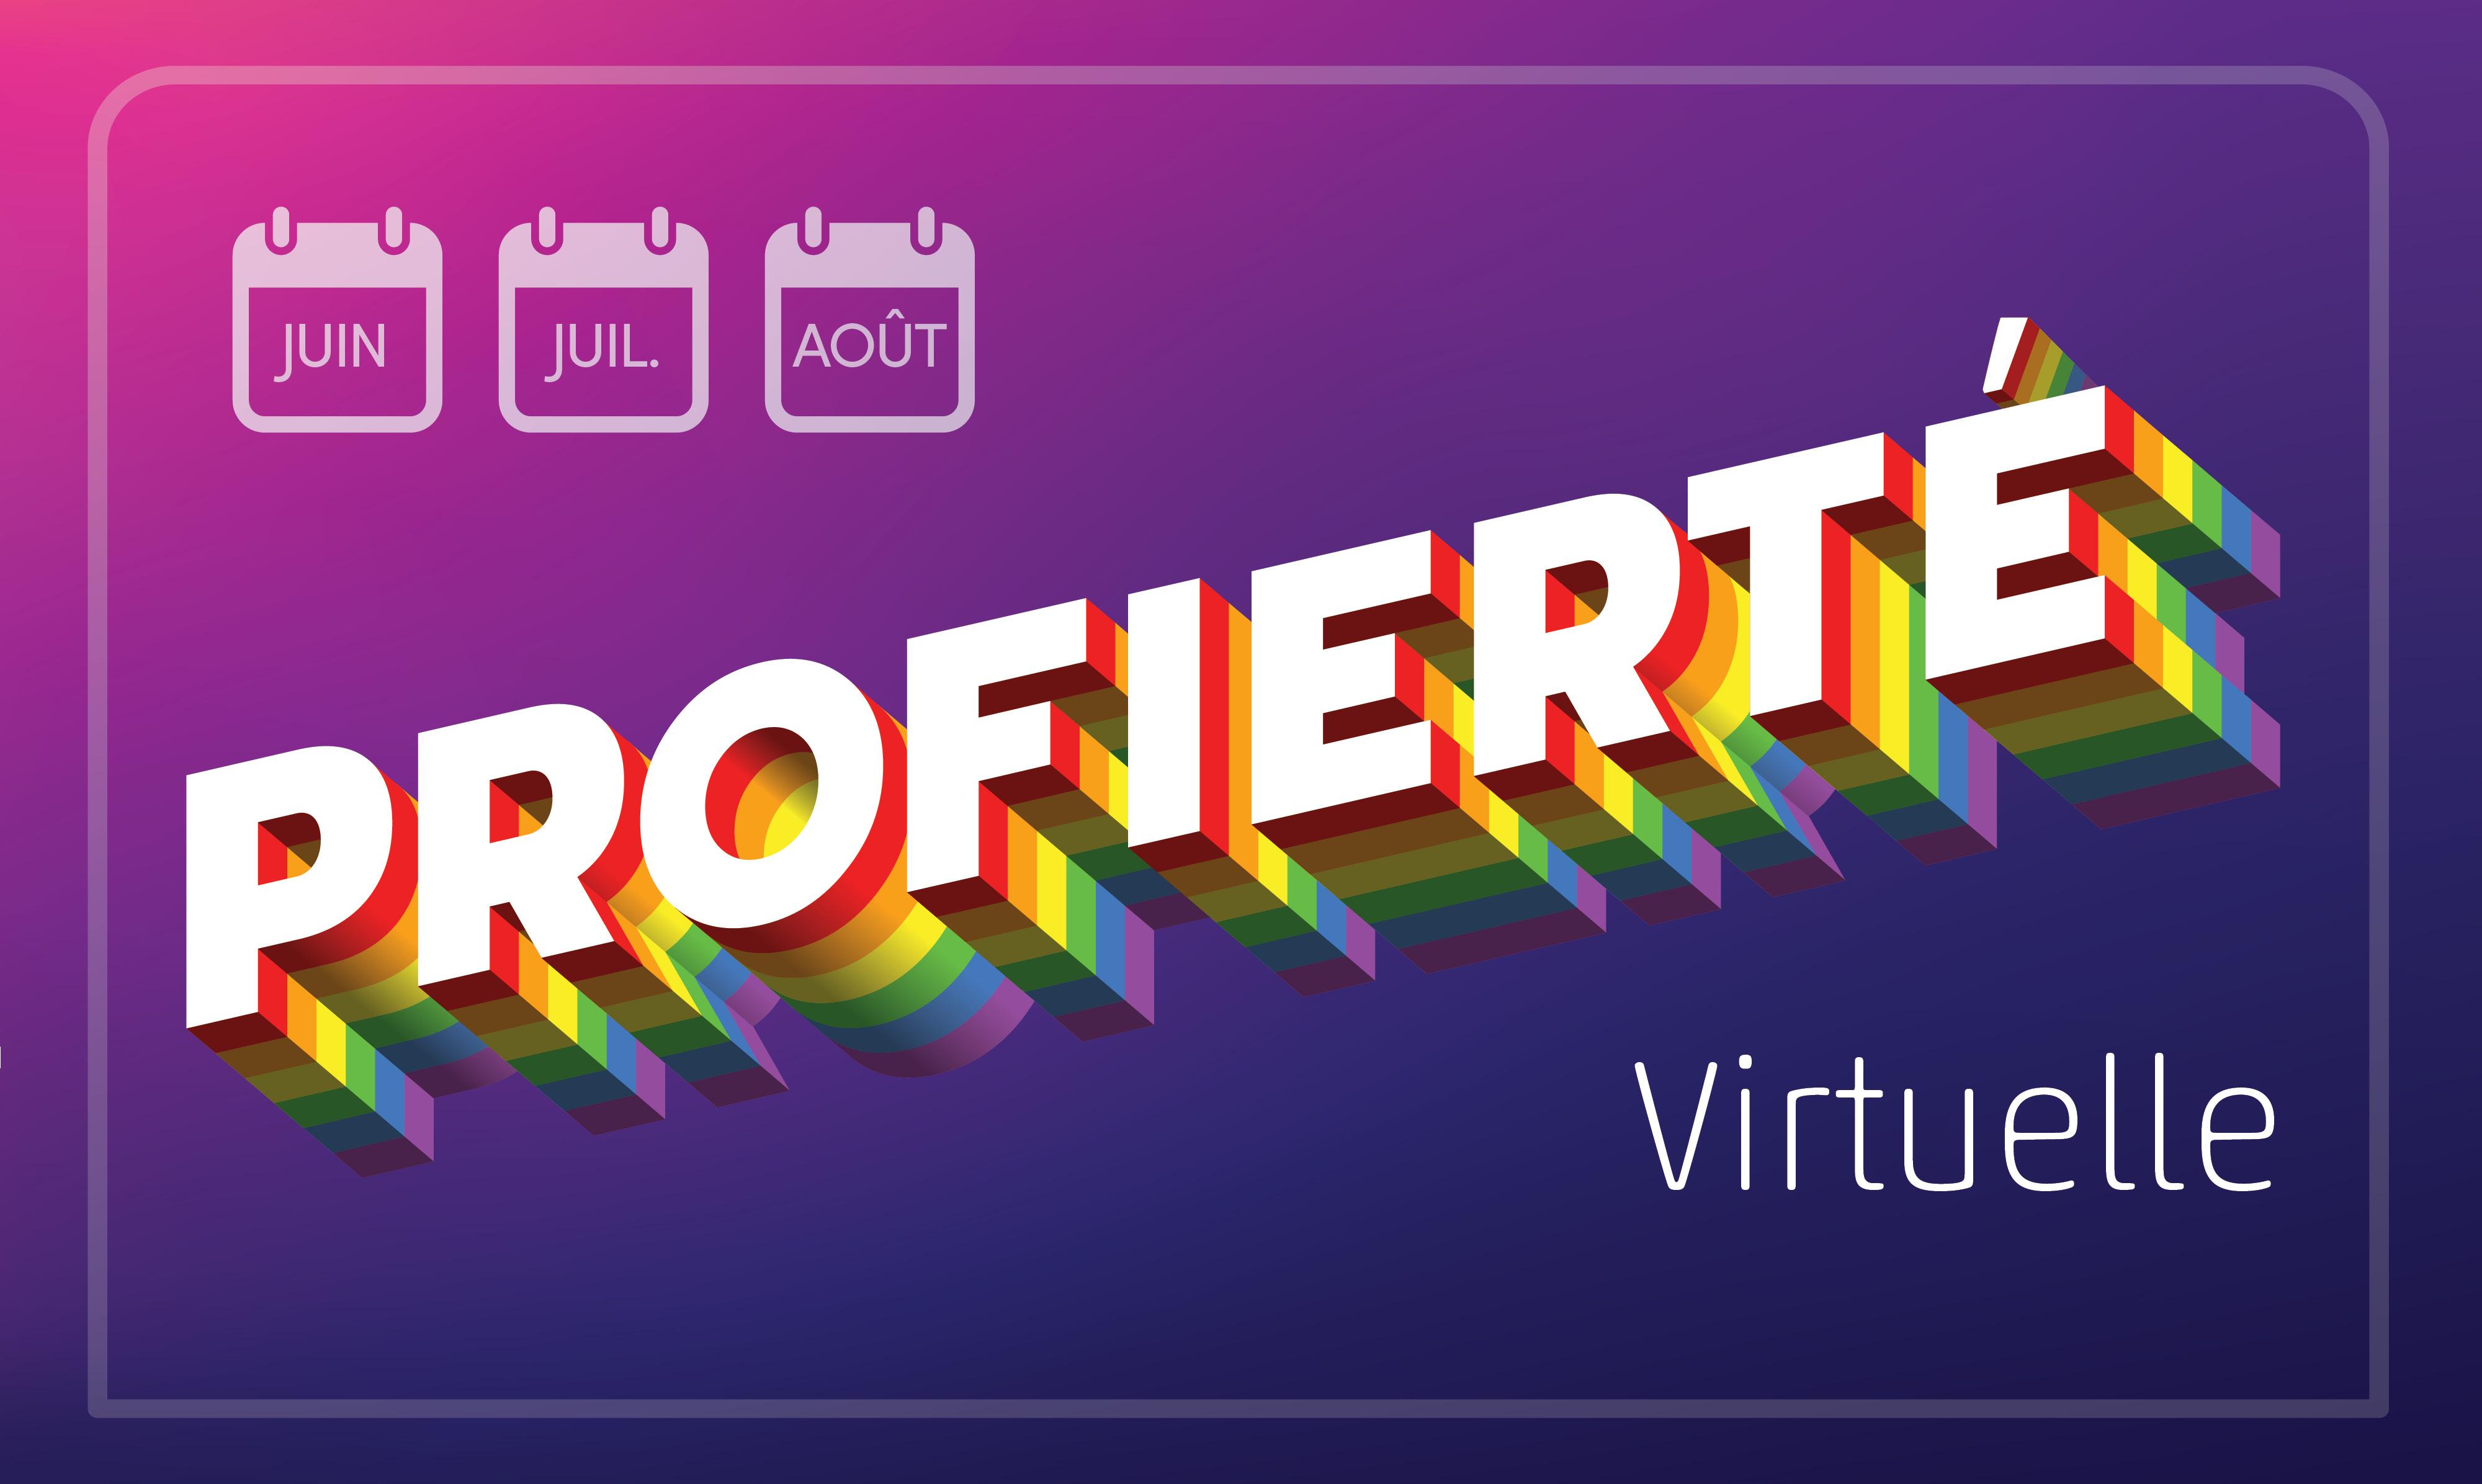 Profierté virtuelle logo avec le moins de juin, juillet e août